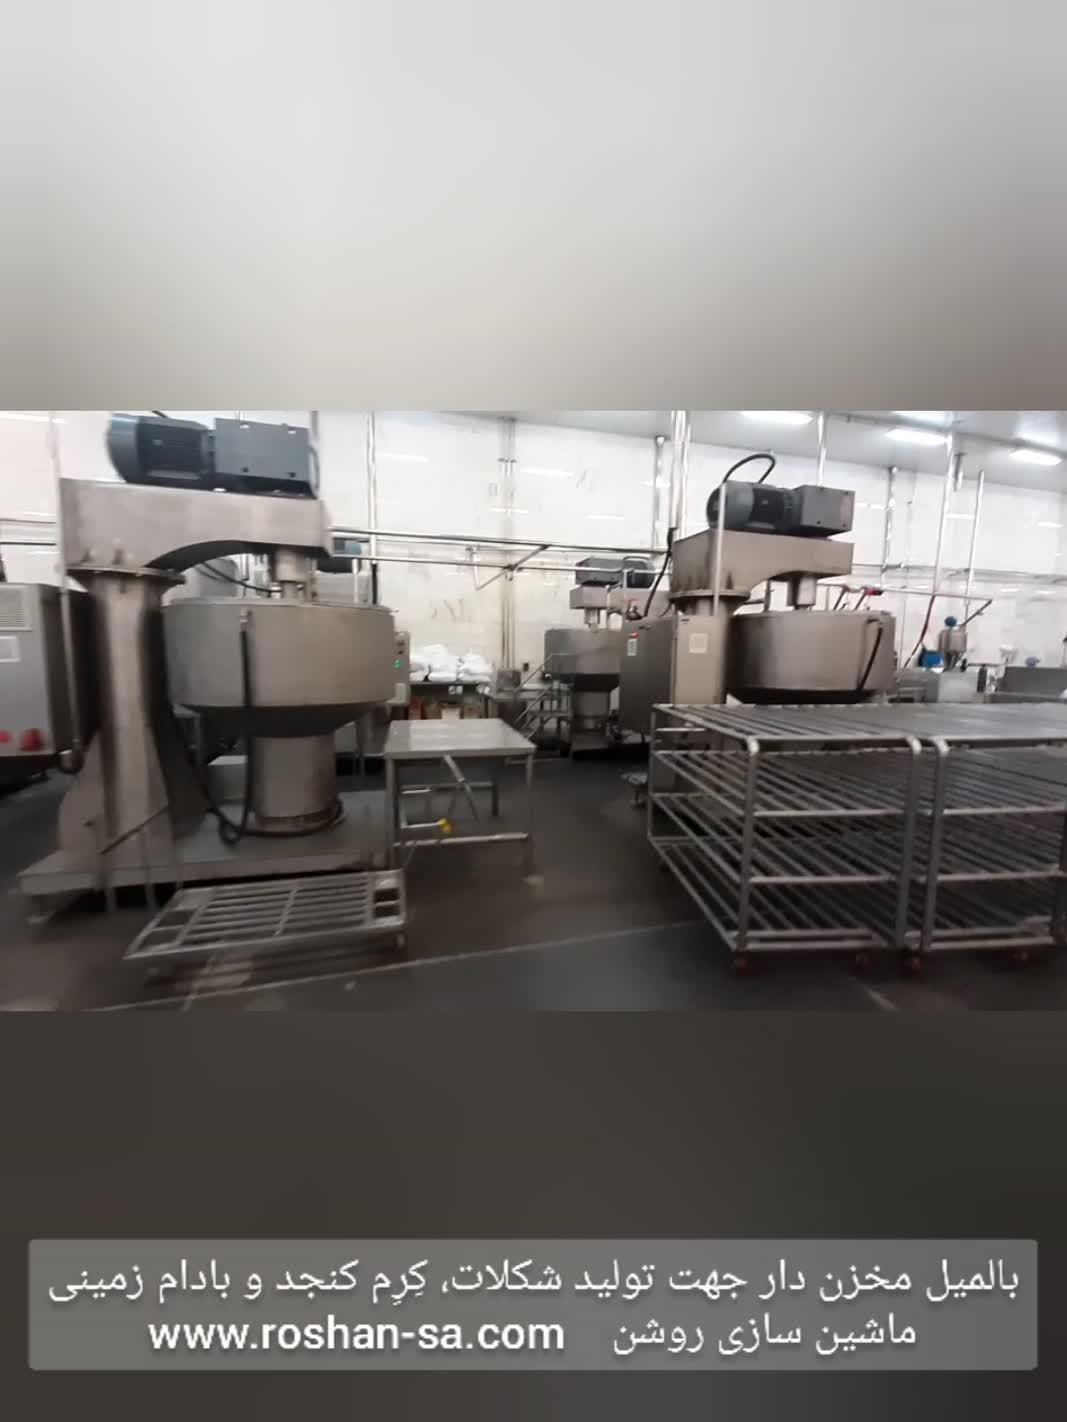 خط تولید کره بادام زمینی-دستگاه بال میل-ریفاینر جهت بادام زمینی -ماشین سازی روشن-09123389187